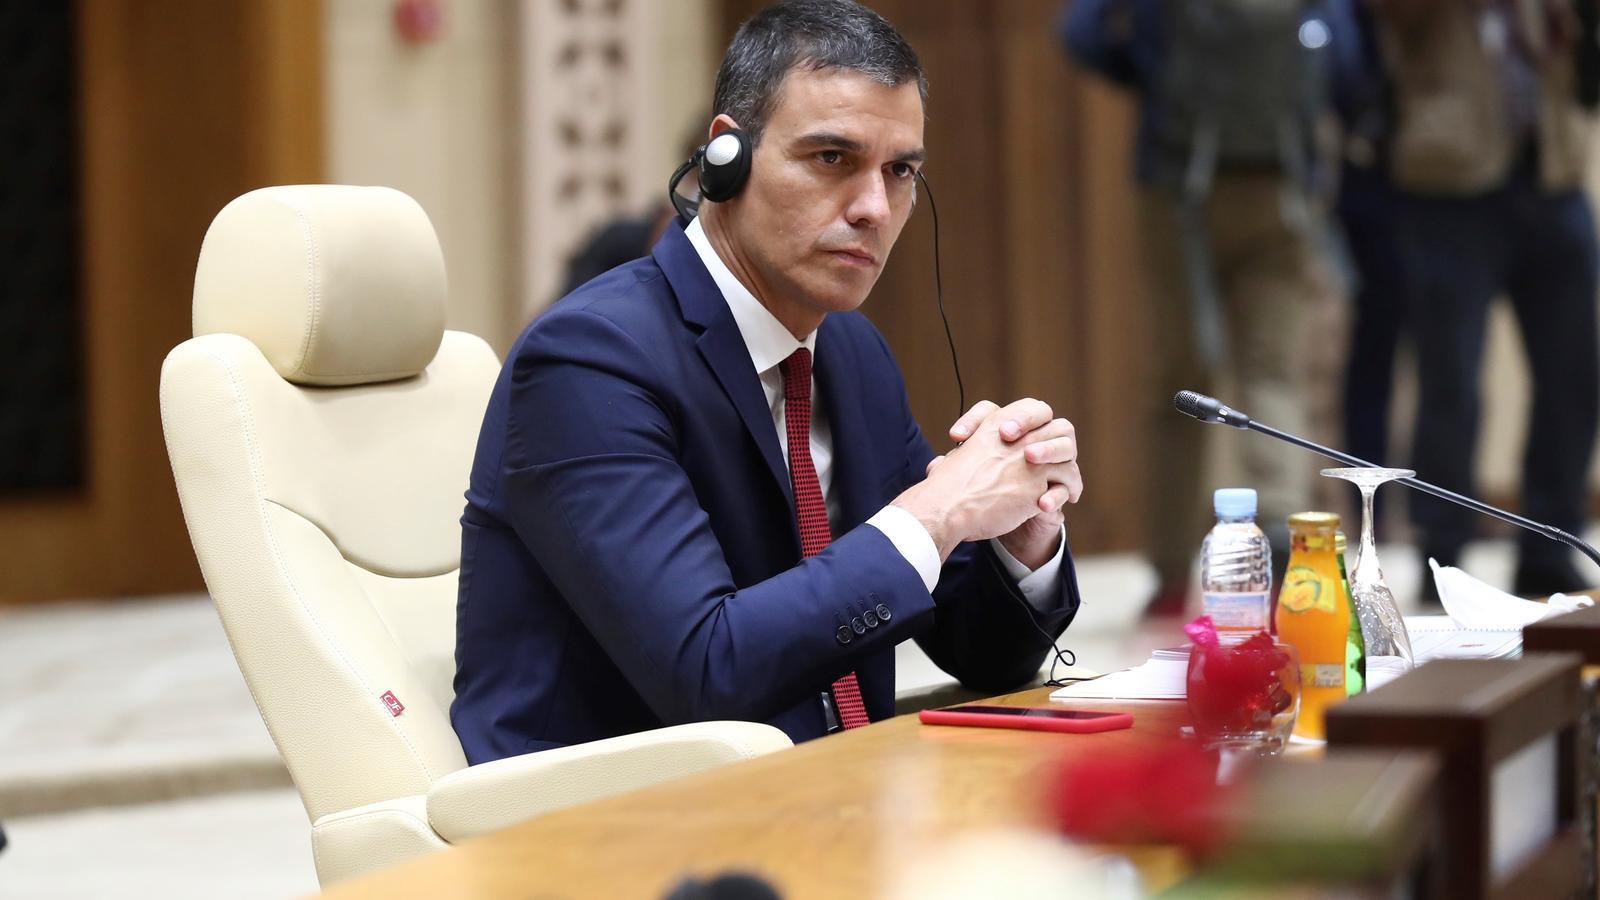 El president del govern espanyol, Pedro Sánchez, el dimarts a la cimera sobre el Sahel a Mauritània.